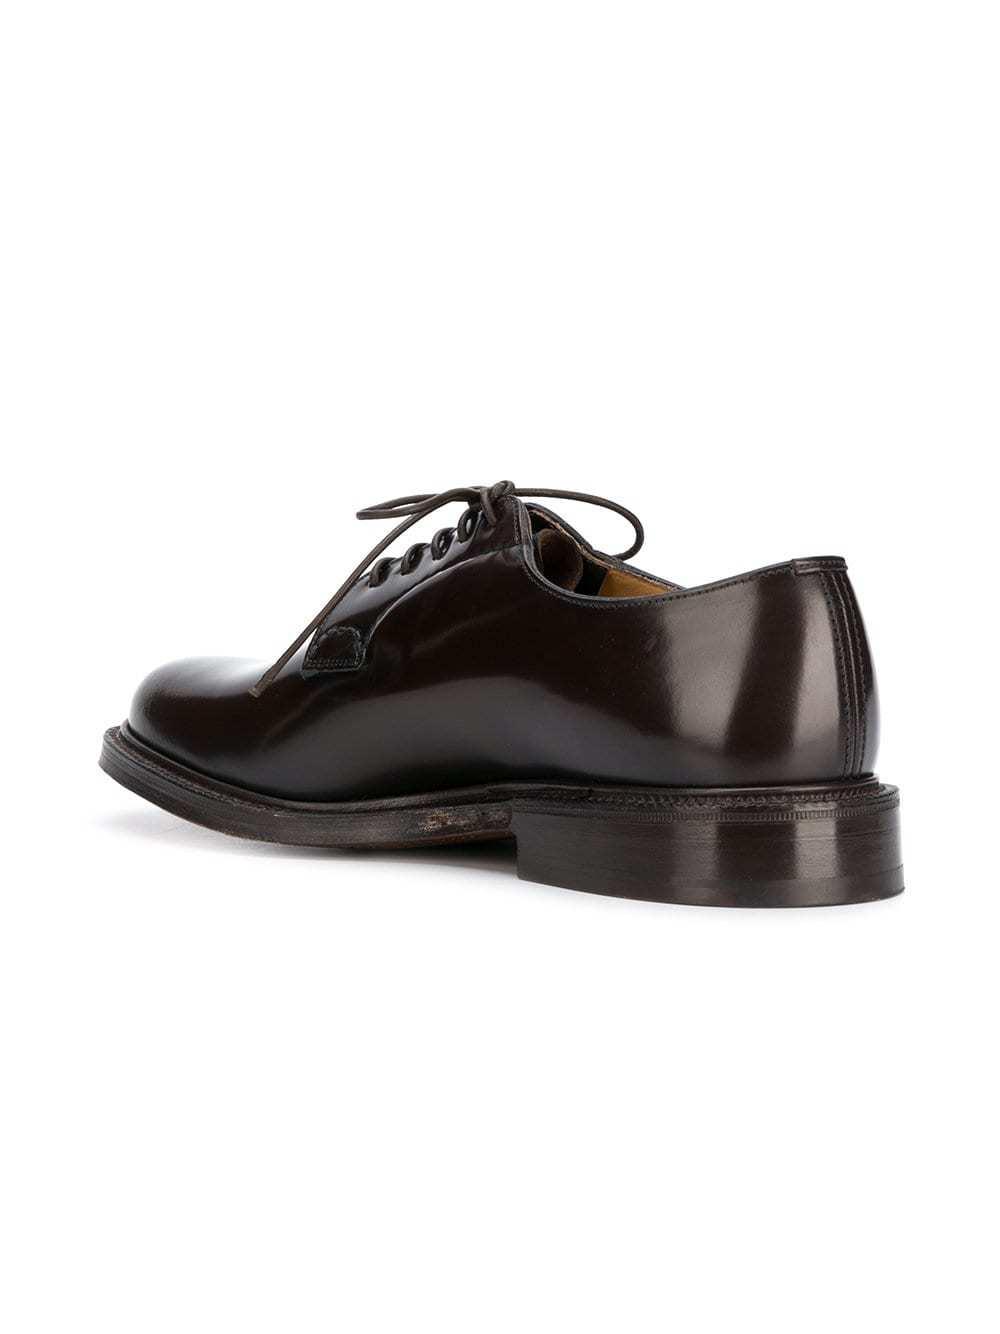 Zapatos derby de cuero en marrón oscuro de Church's